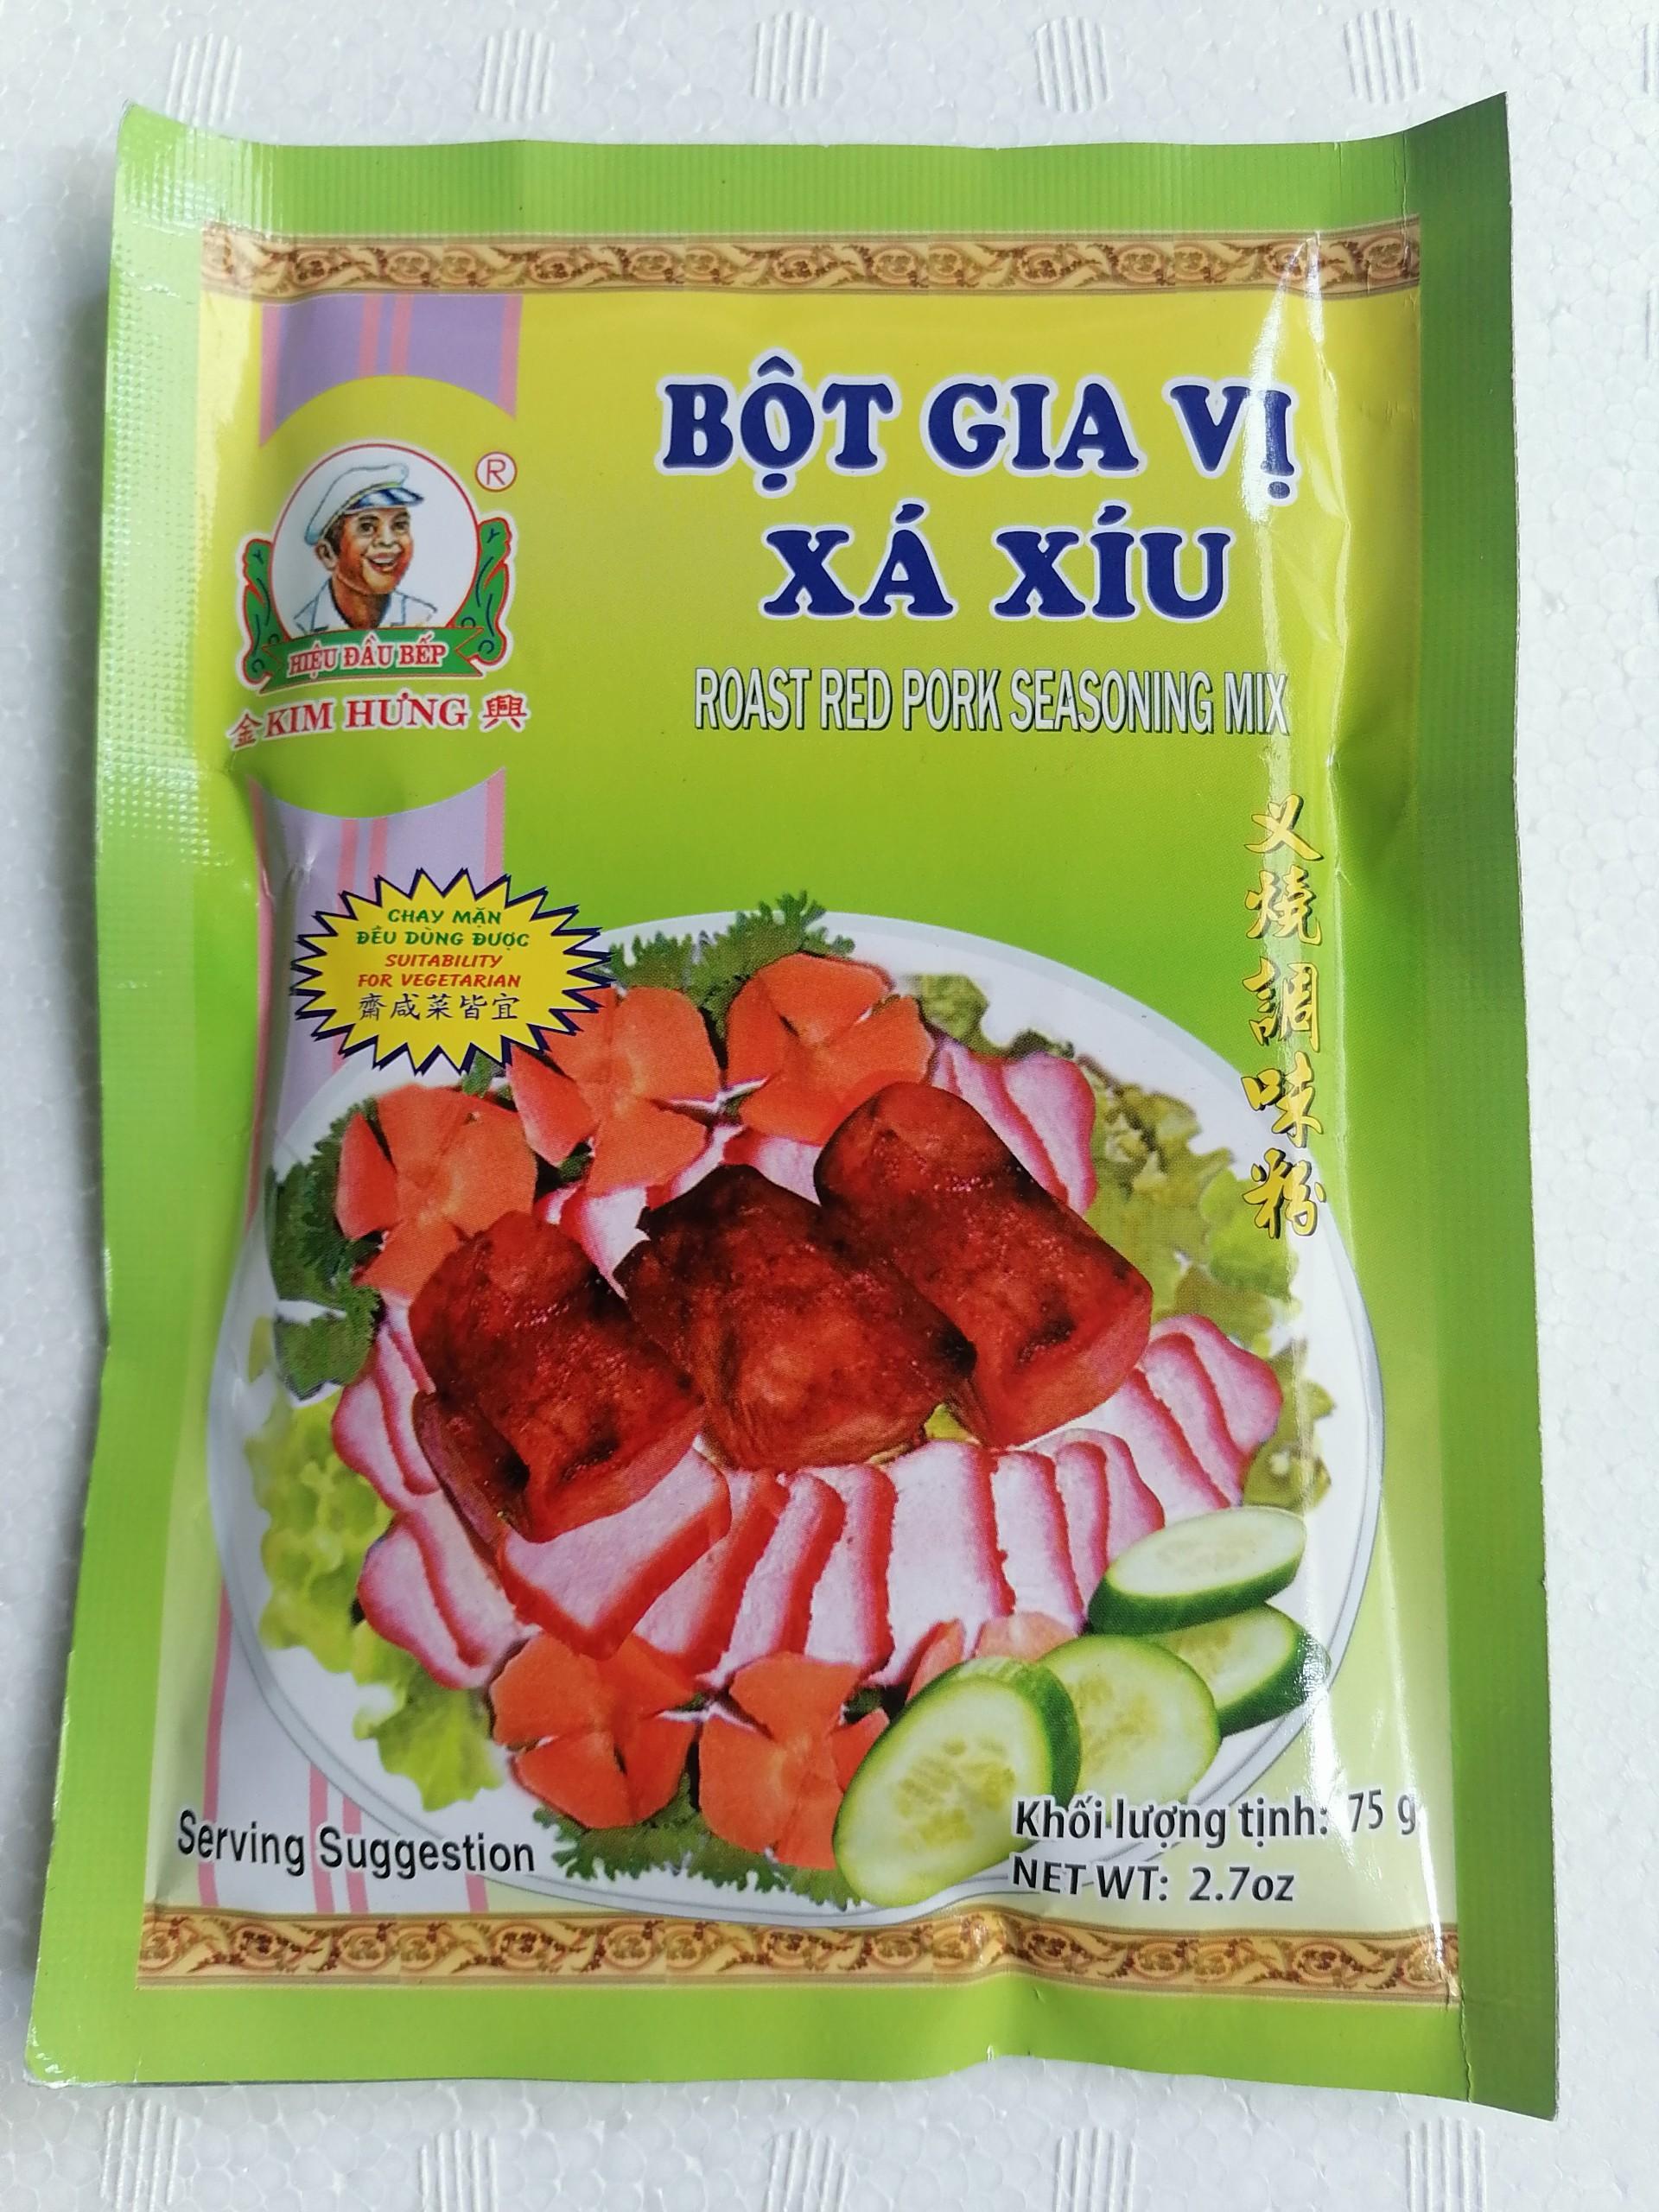 Bột gia vị xá xíu hiệu Đầu Bếp KIM HƯNG Roast Red Pork Seasoning Mix 75g